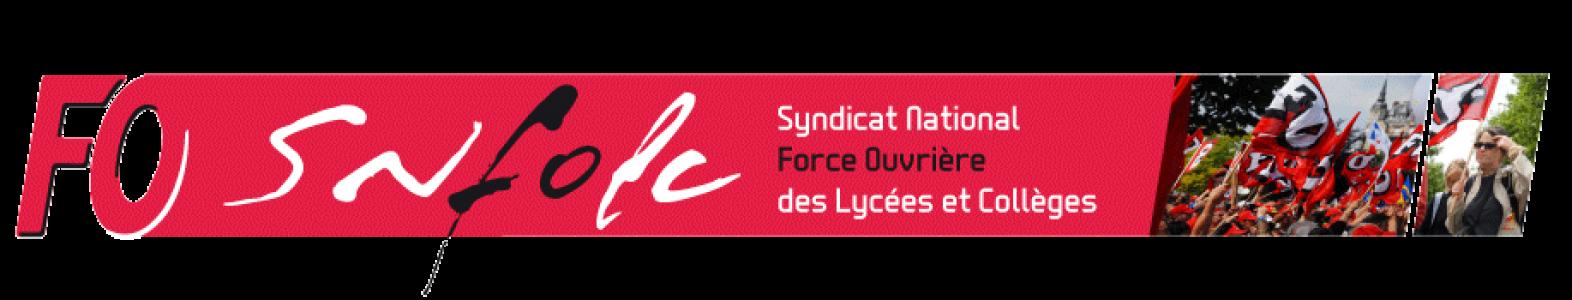 SNFOLC 81